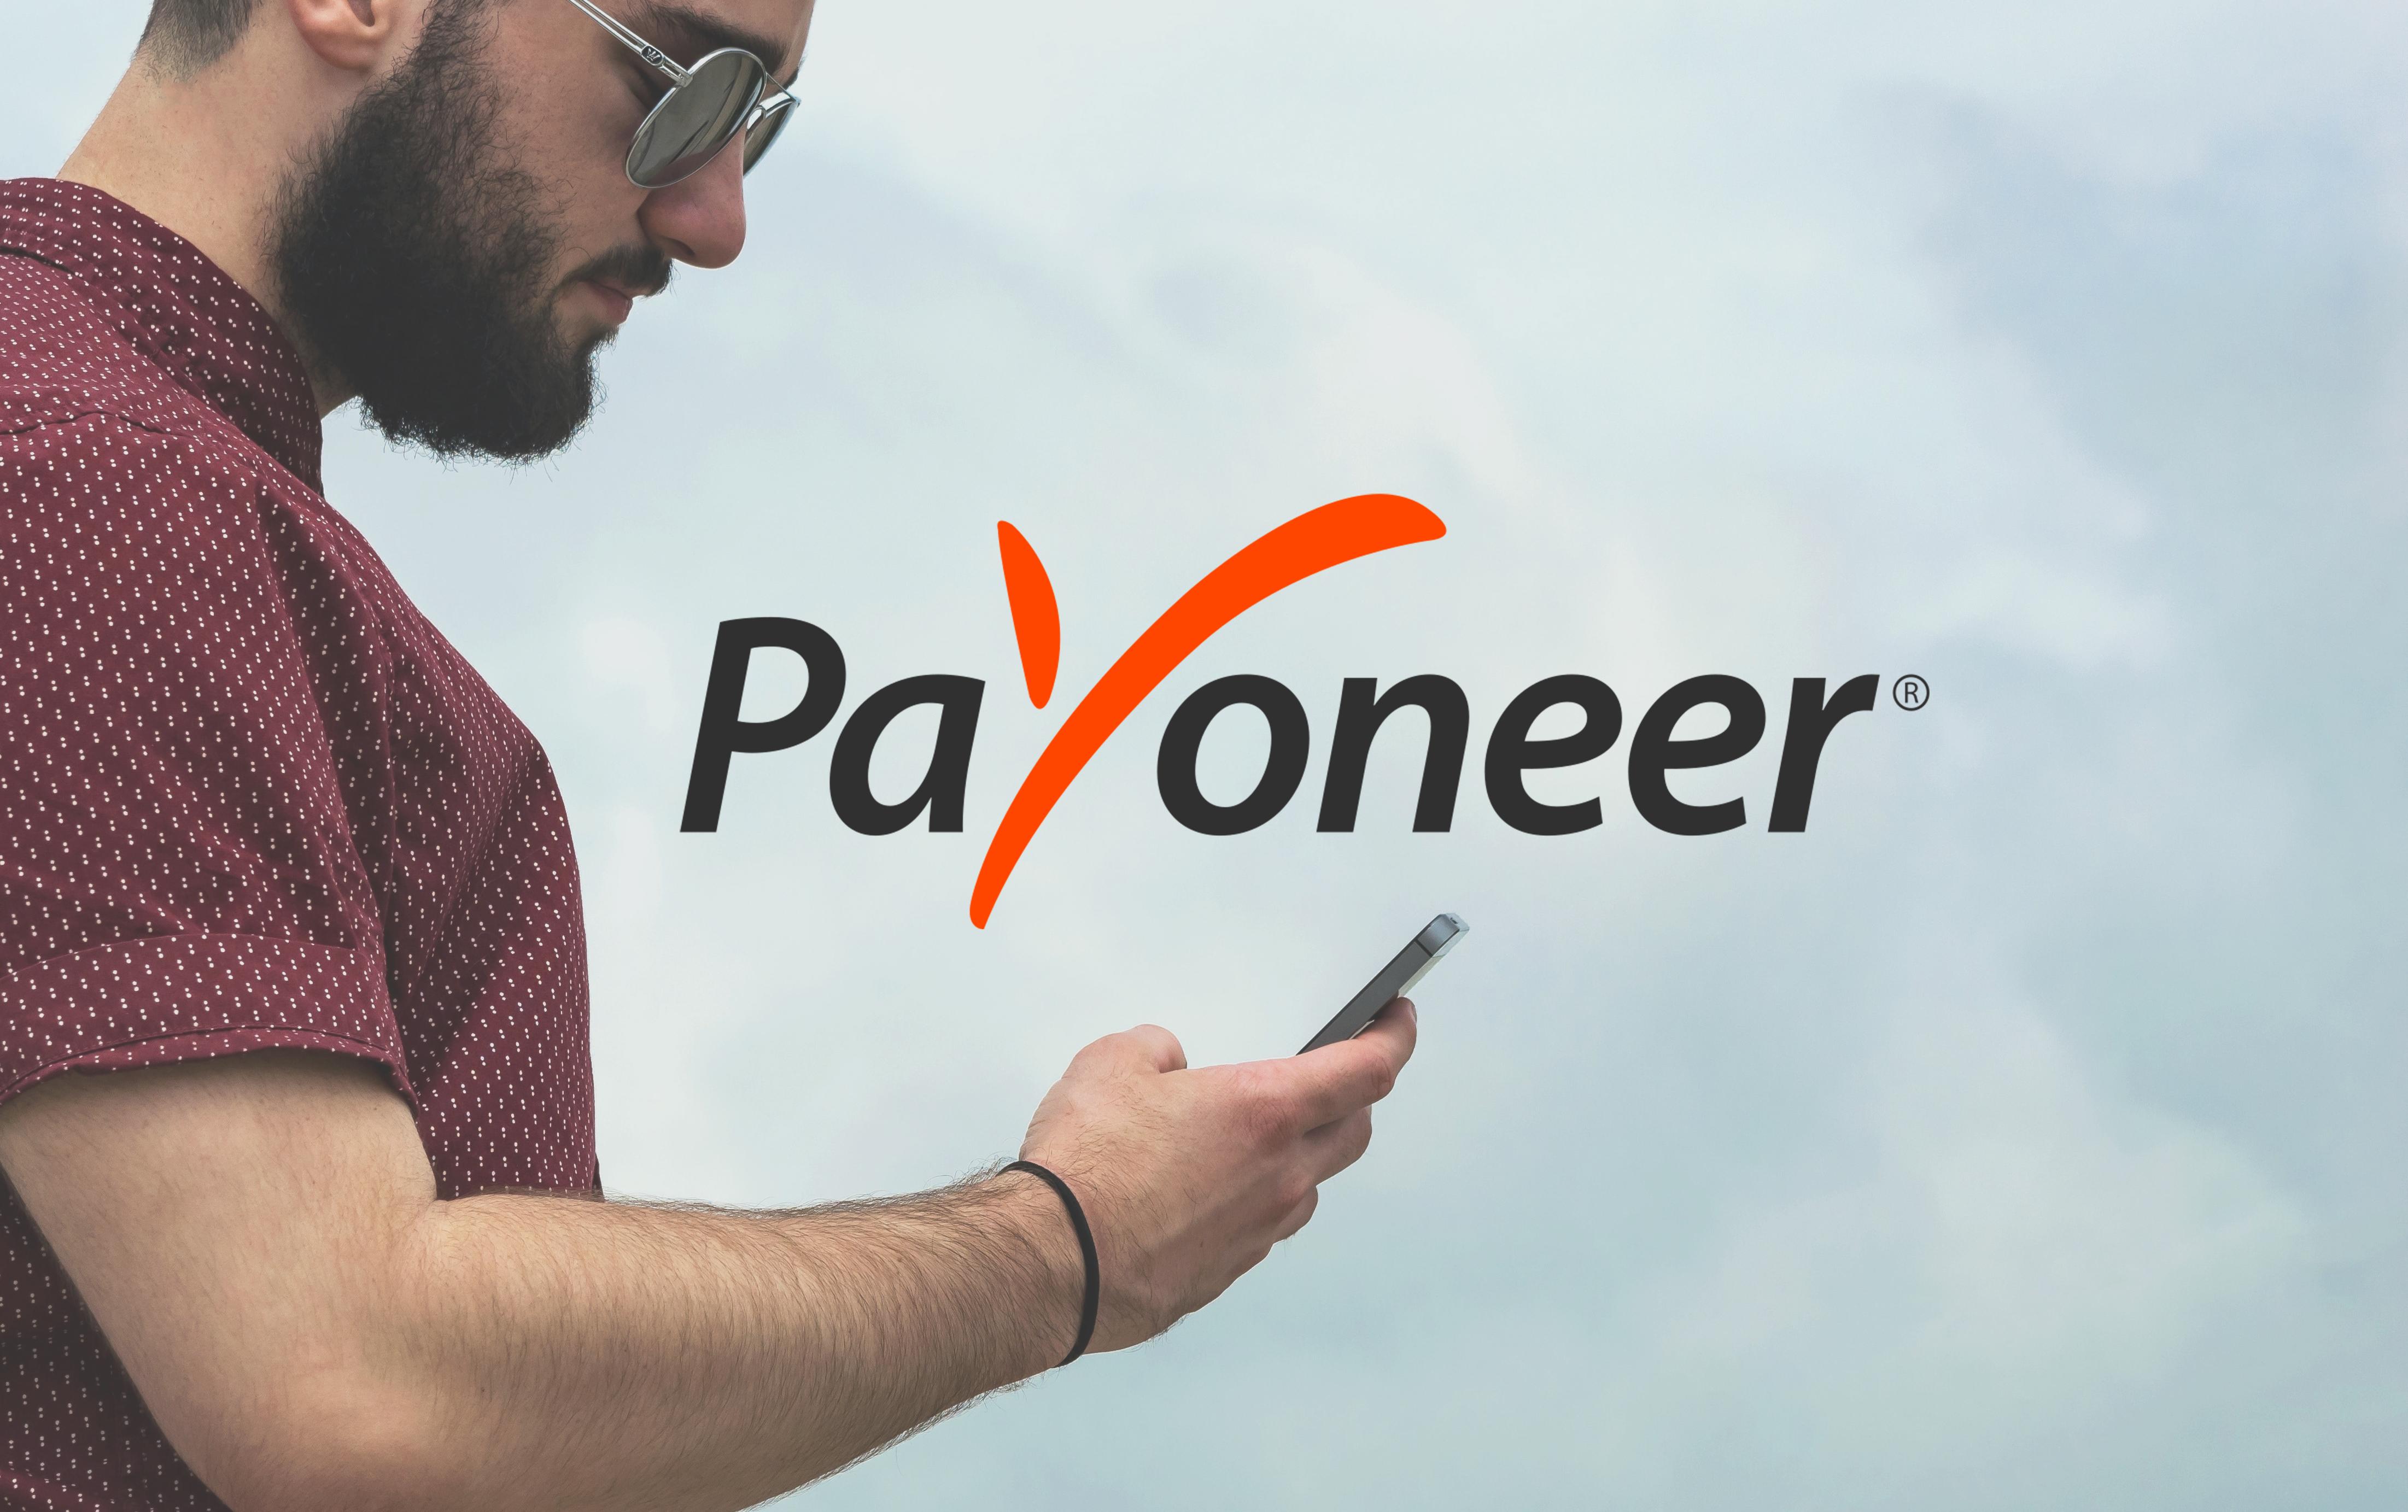 Using Payoneer Earns You Bonus Cash at MaxBounty